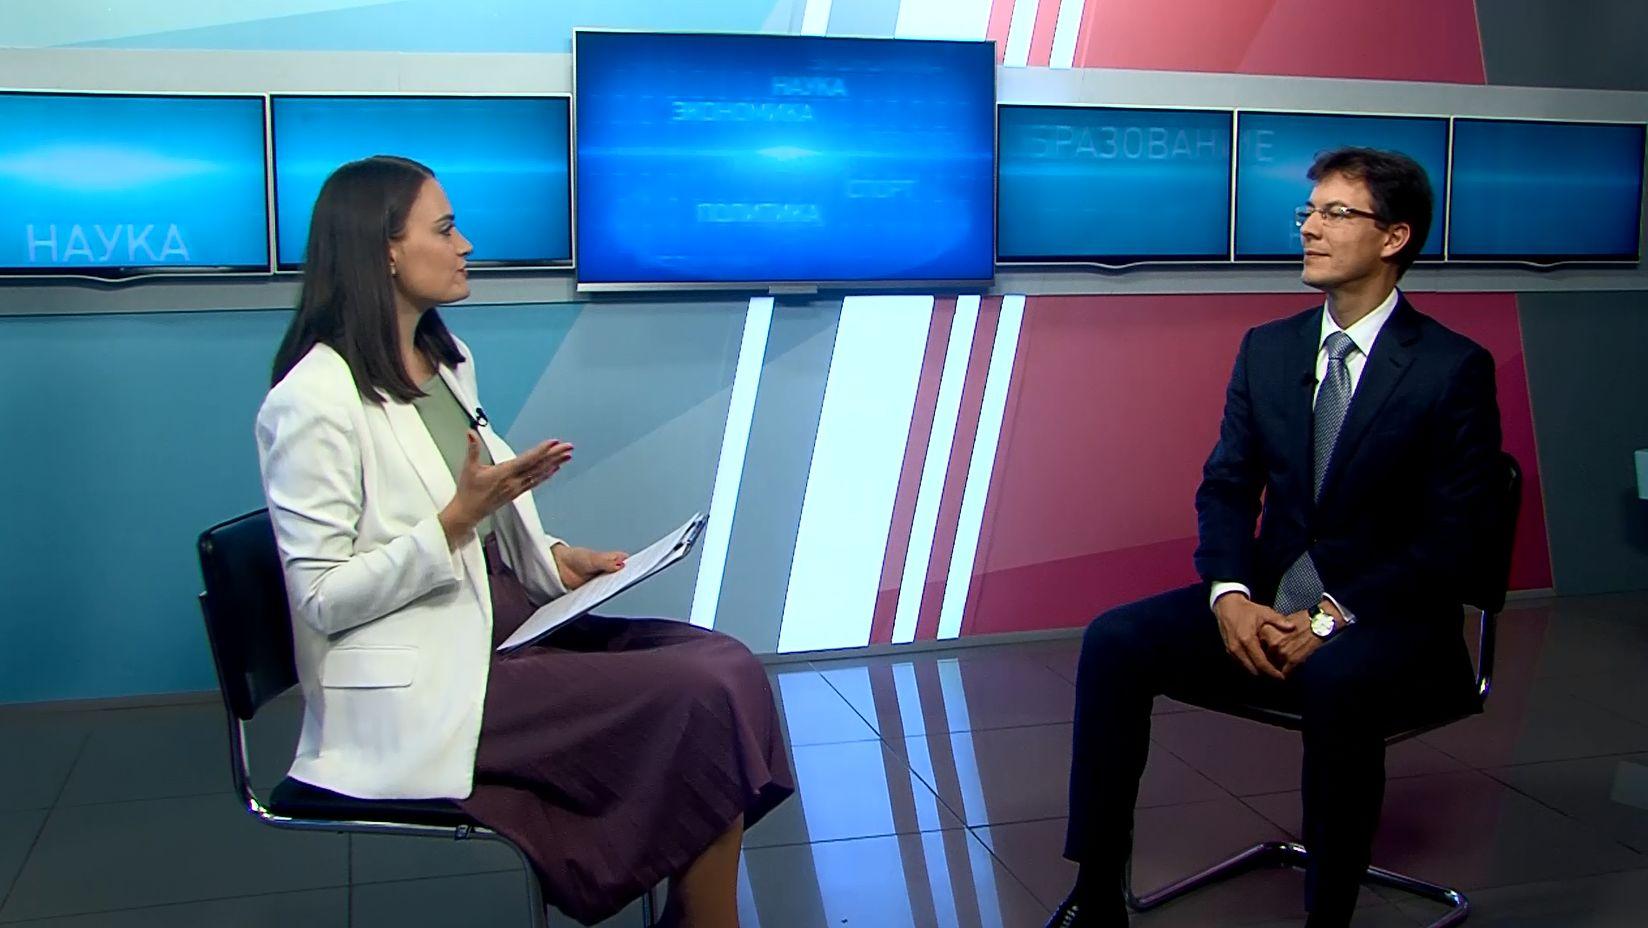 Программа «В тему»: Максим Протасов - о качестве продукции ярославских предприятий